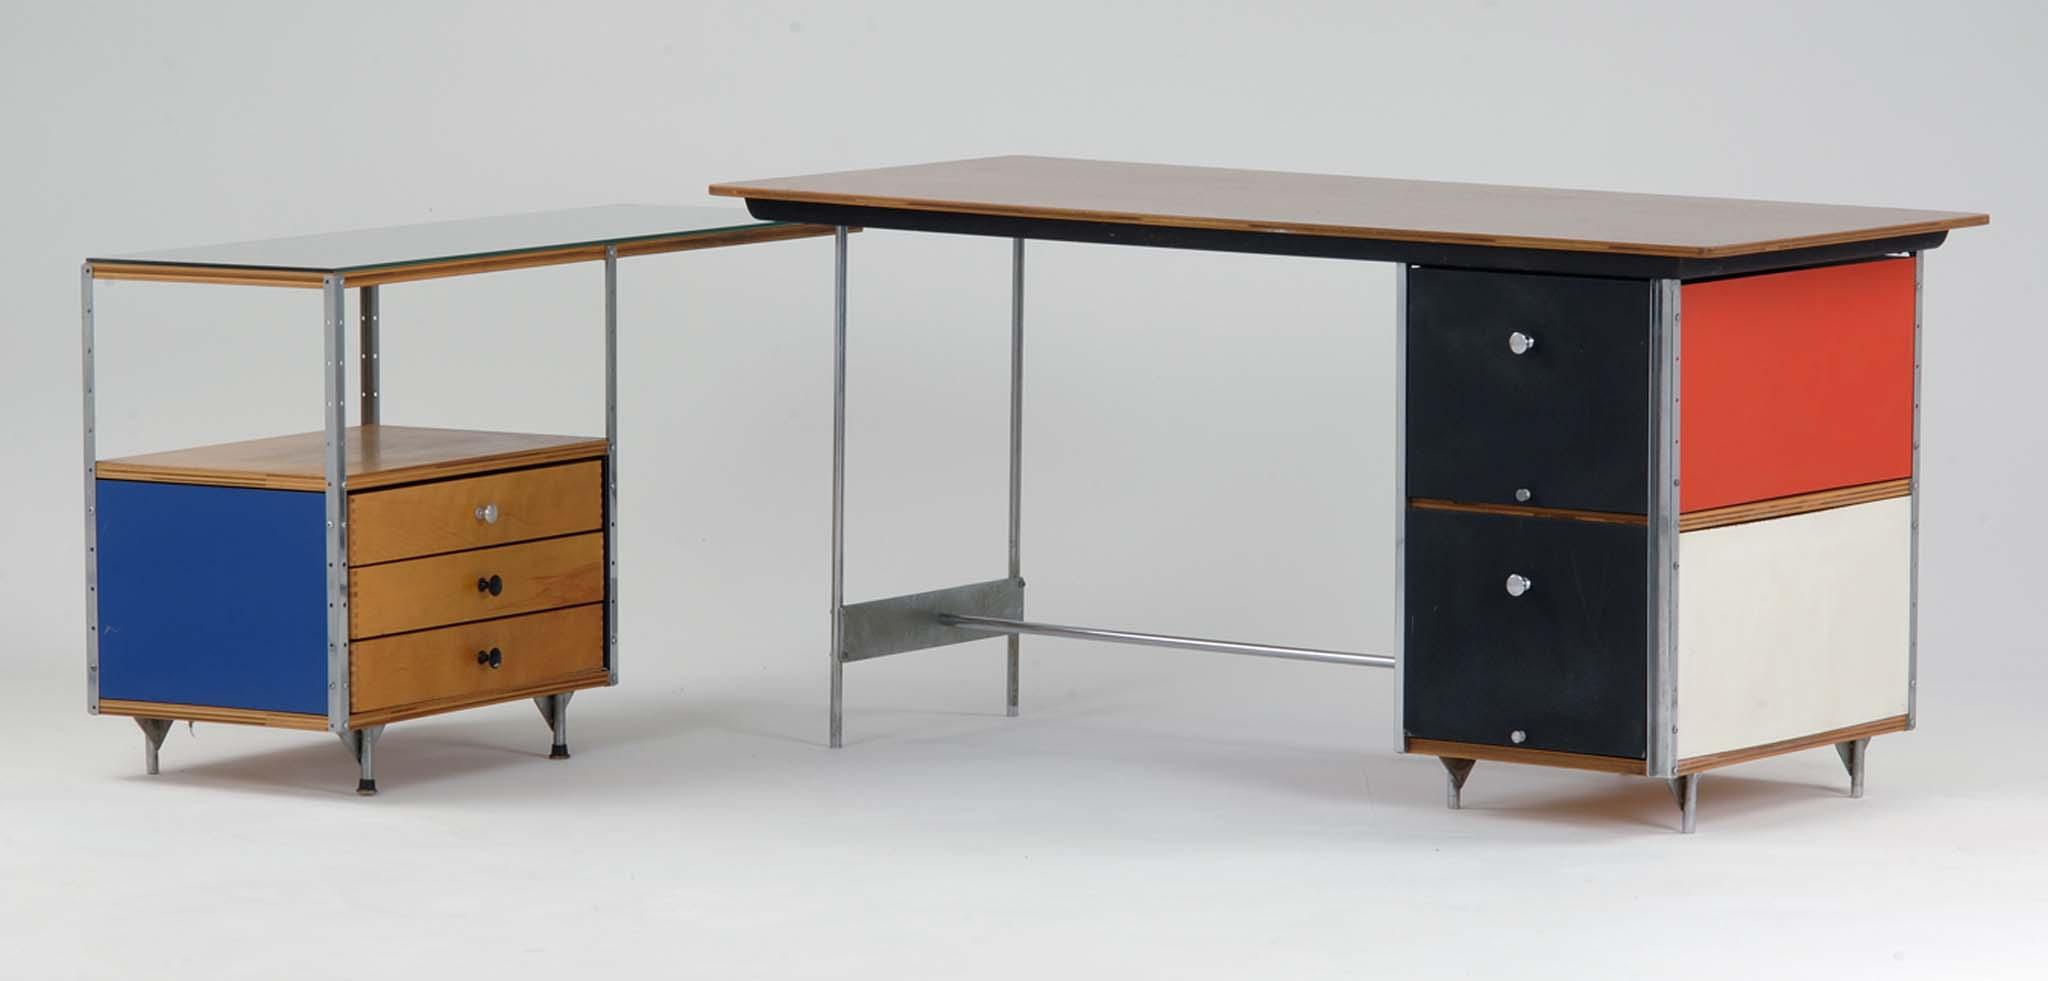 bureau edu charles ray eames collection du mamc de saint etienne m tropole acier chrom. Black Bedroom Furniture Sets. Home Design Ideas